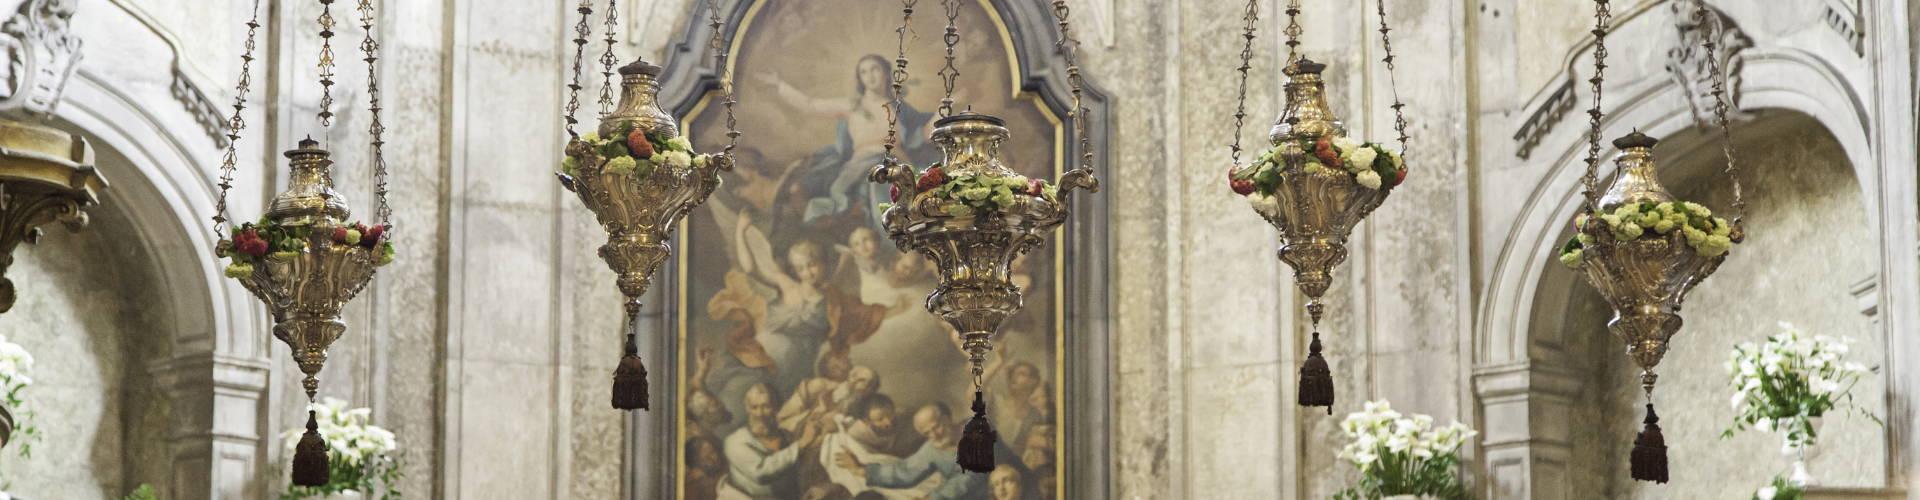 church incense